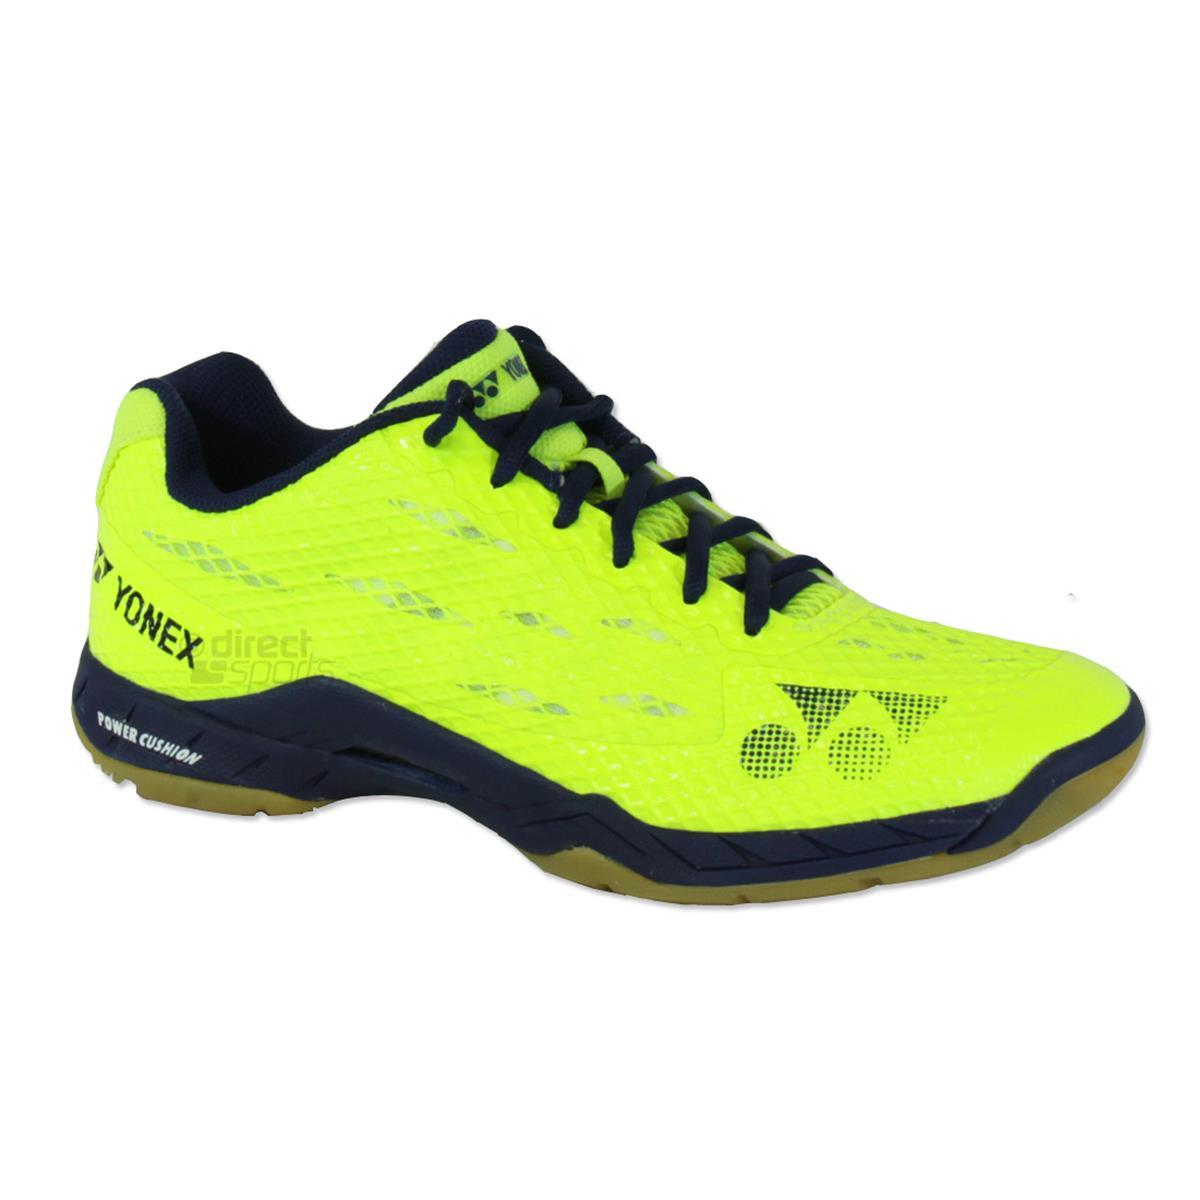 Yonex Power Cushion Aerus Mens Badminton Shoes Yellow